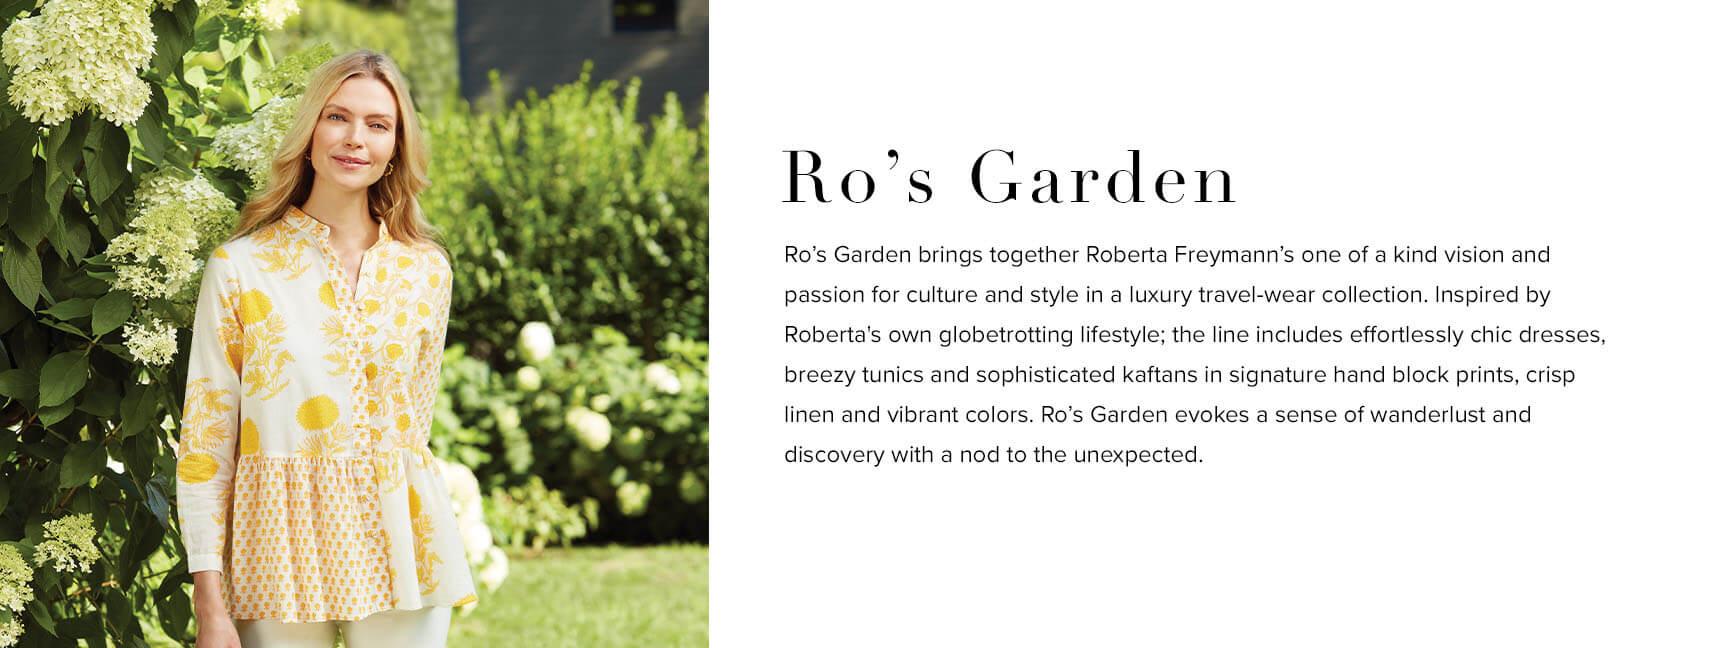 Ro's Garden